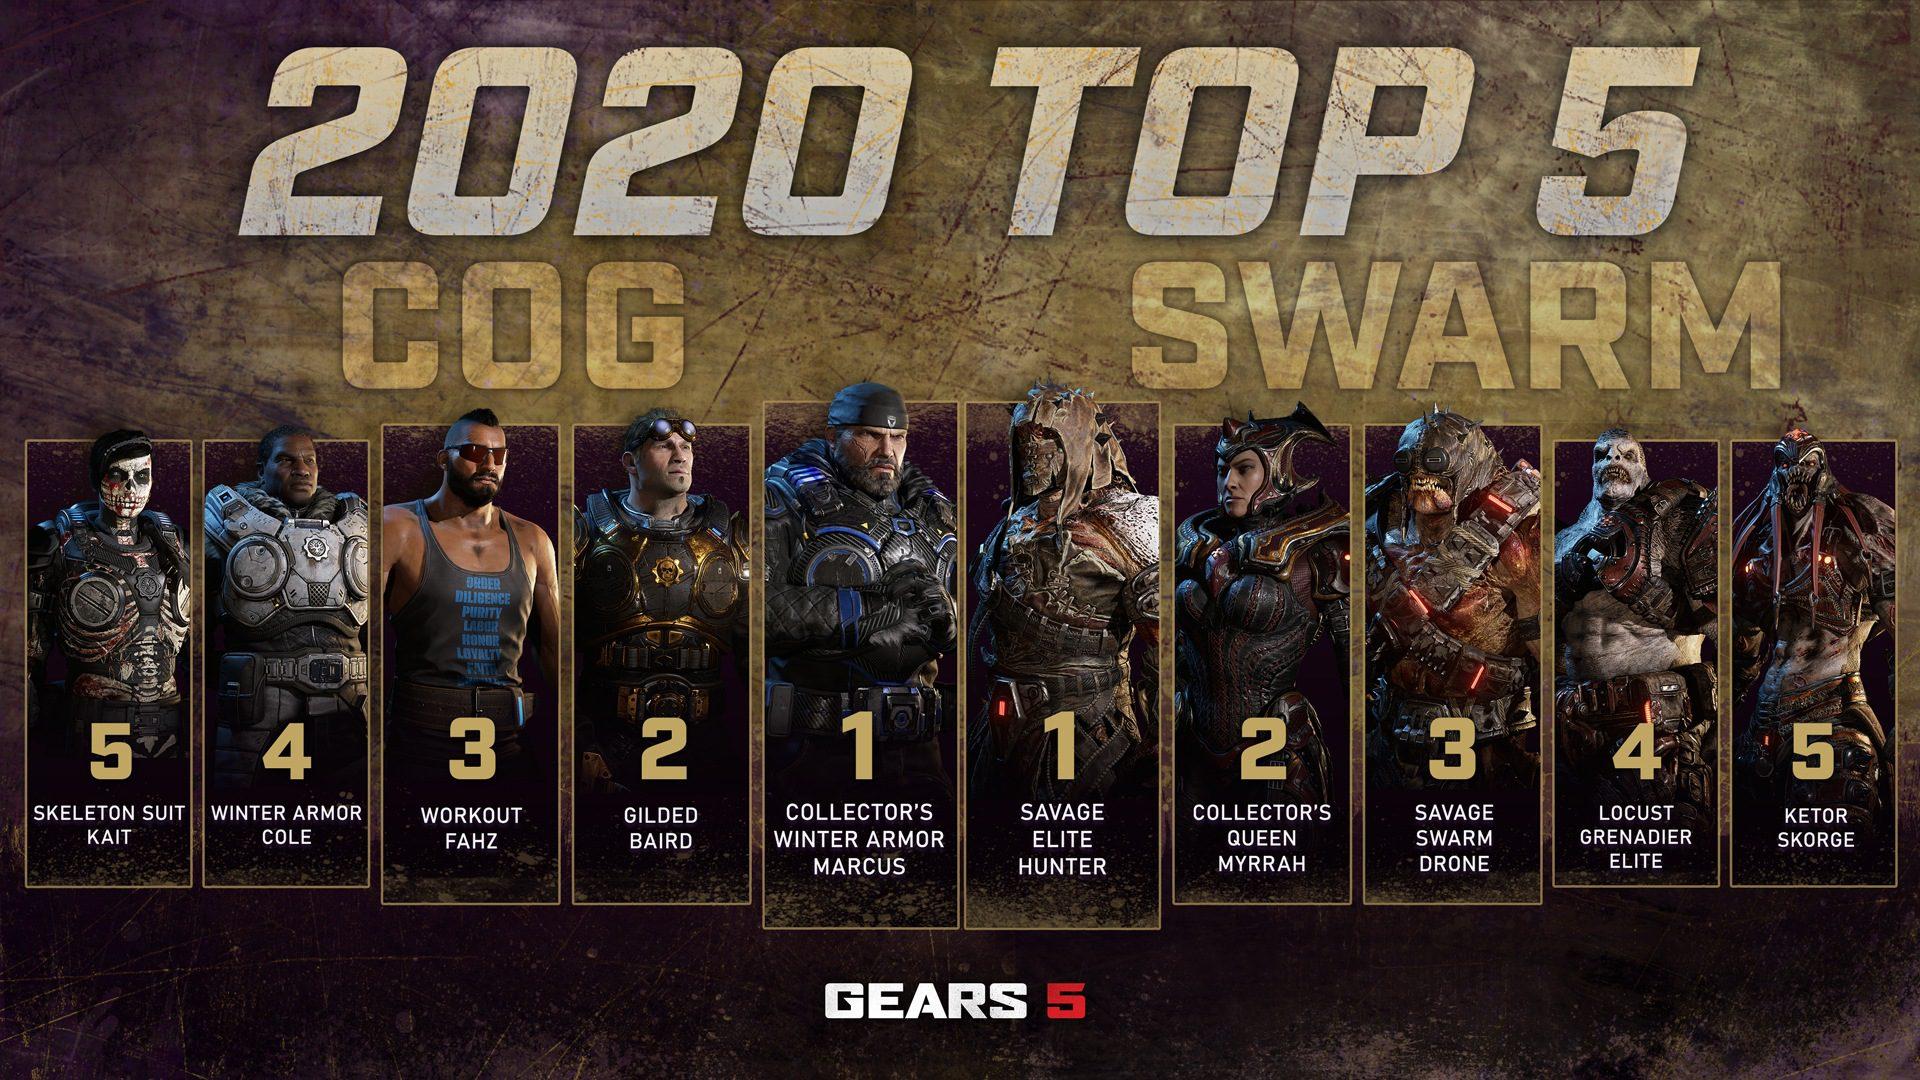 Estos son los personajes más usados en el multijugador de Gears 5